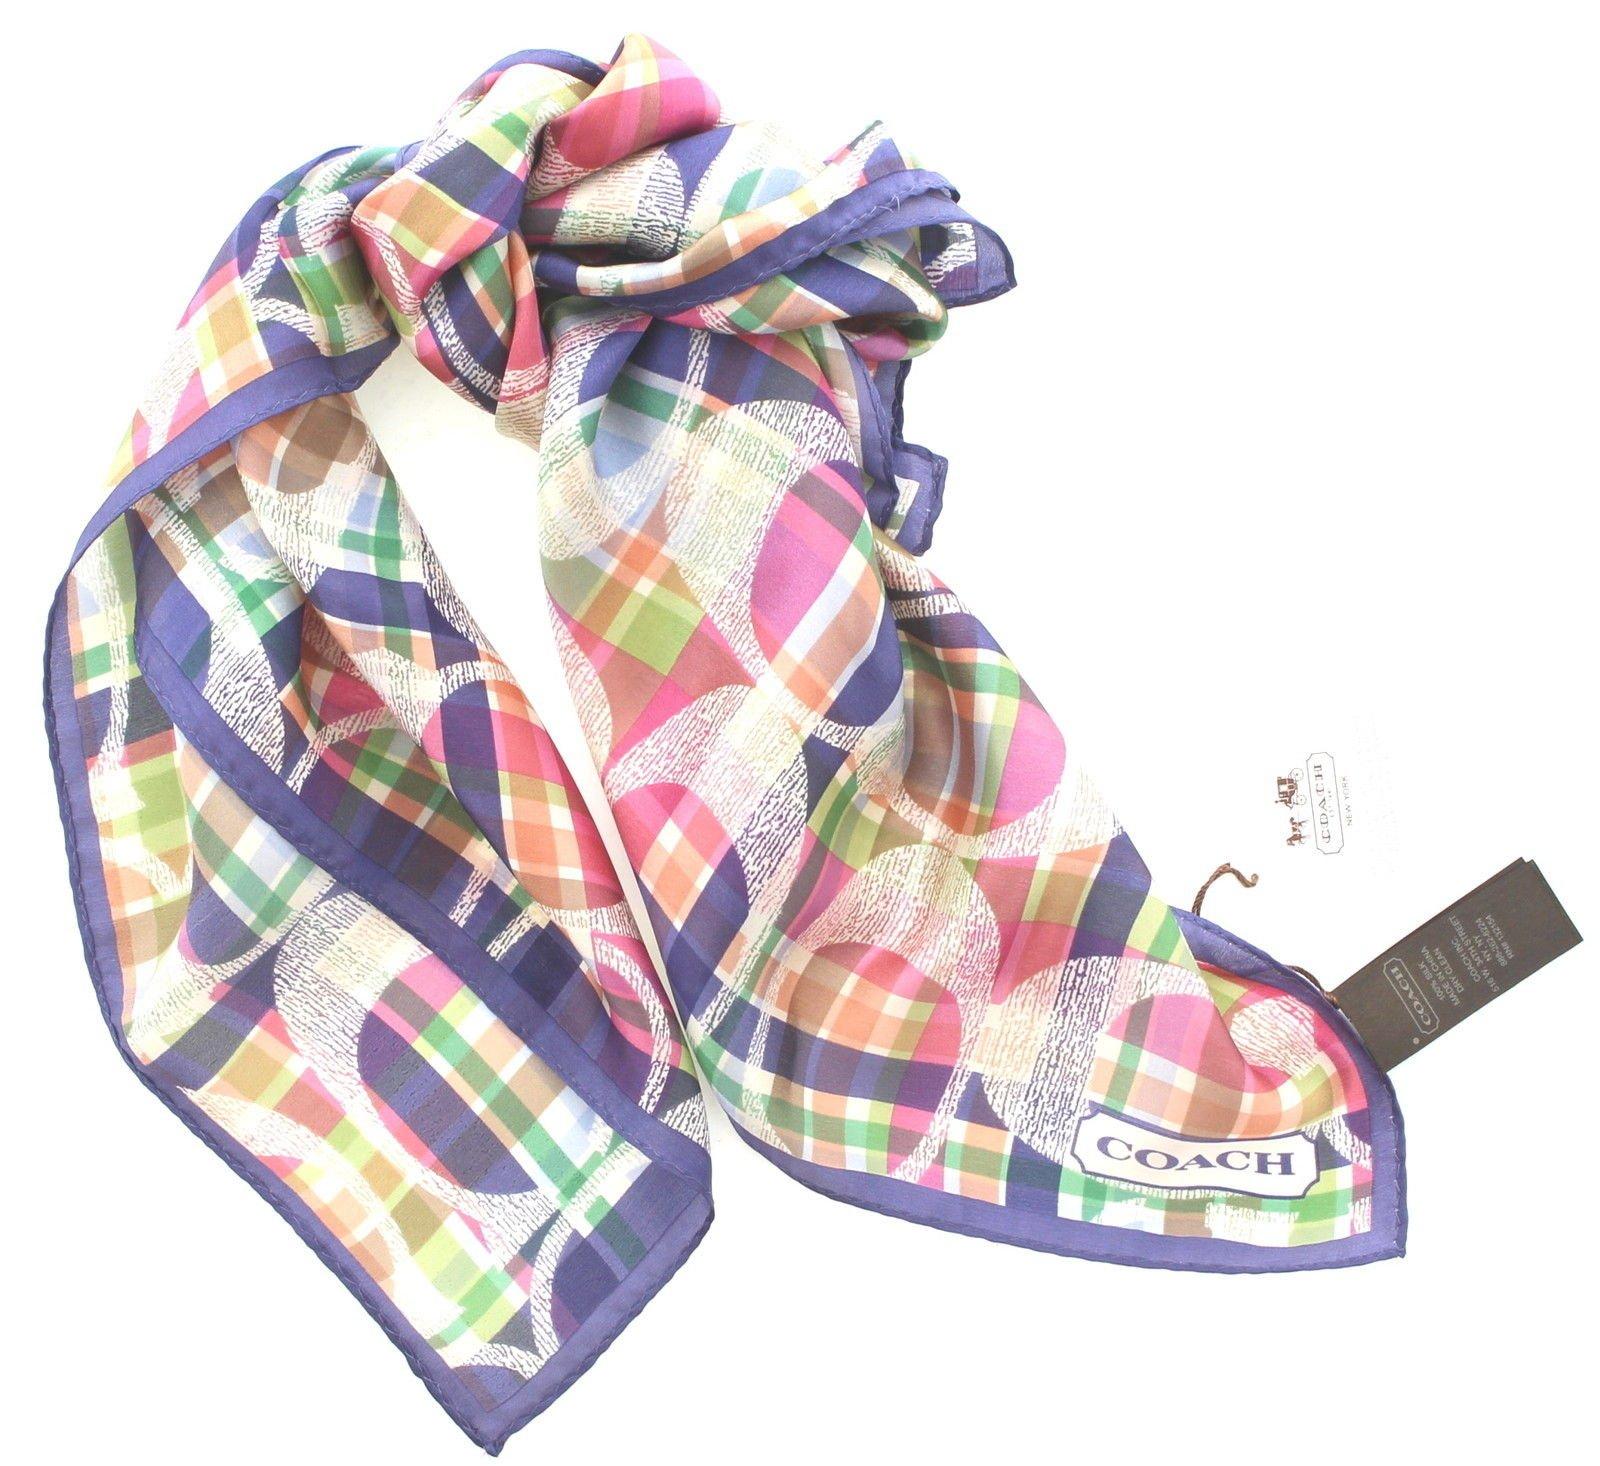 Coach Daisy Madras Silk Square Scarf, Style 83511 Multicolor